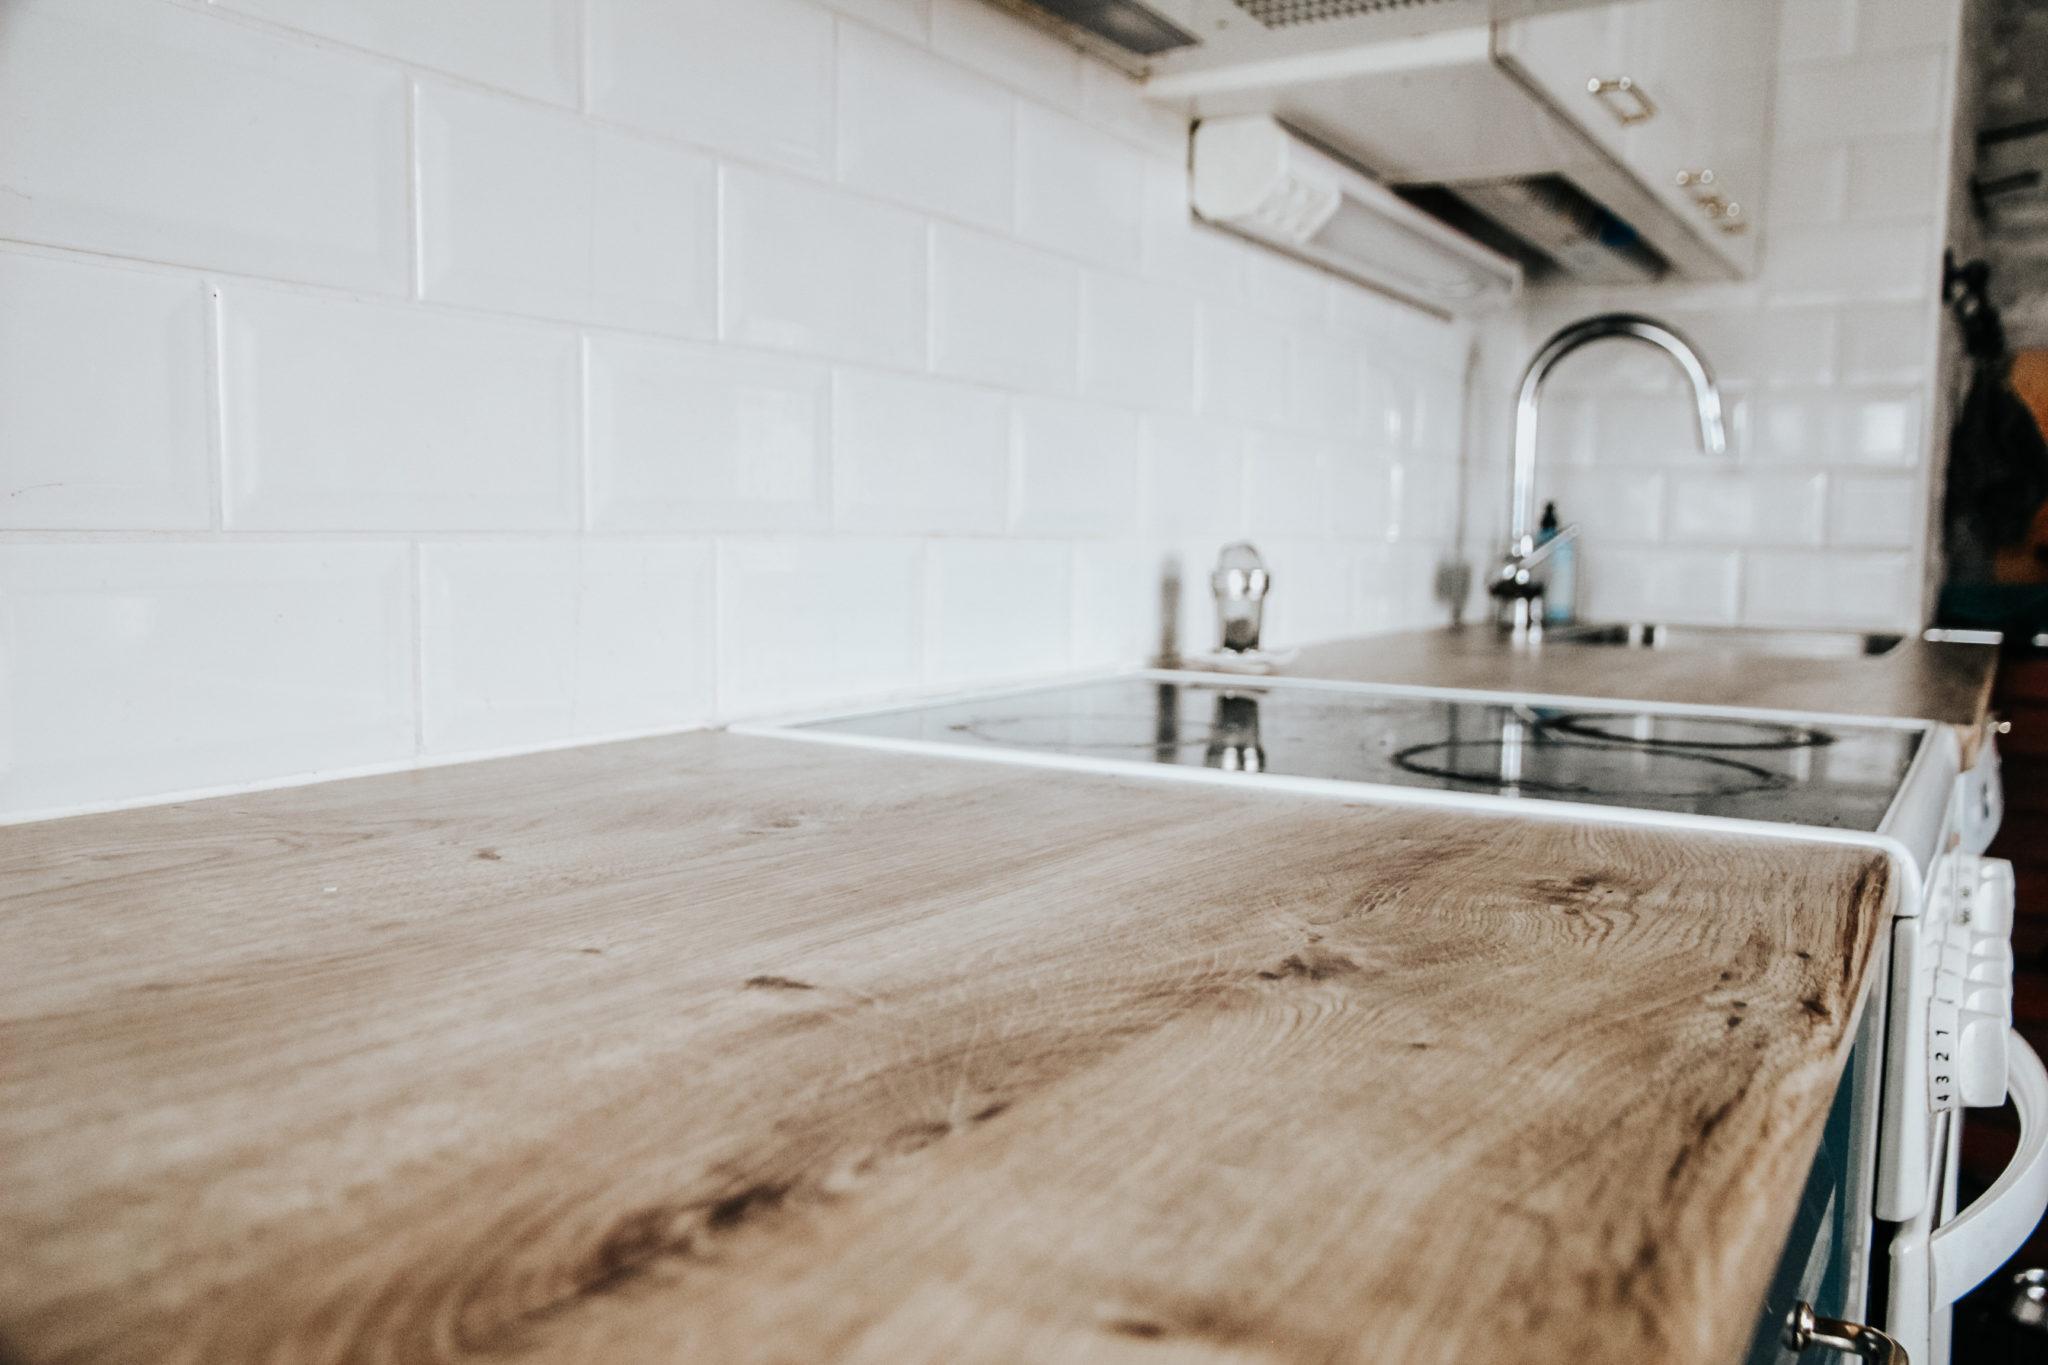 dc-fix keittiön tasojen päällystäminen